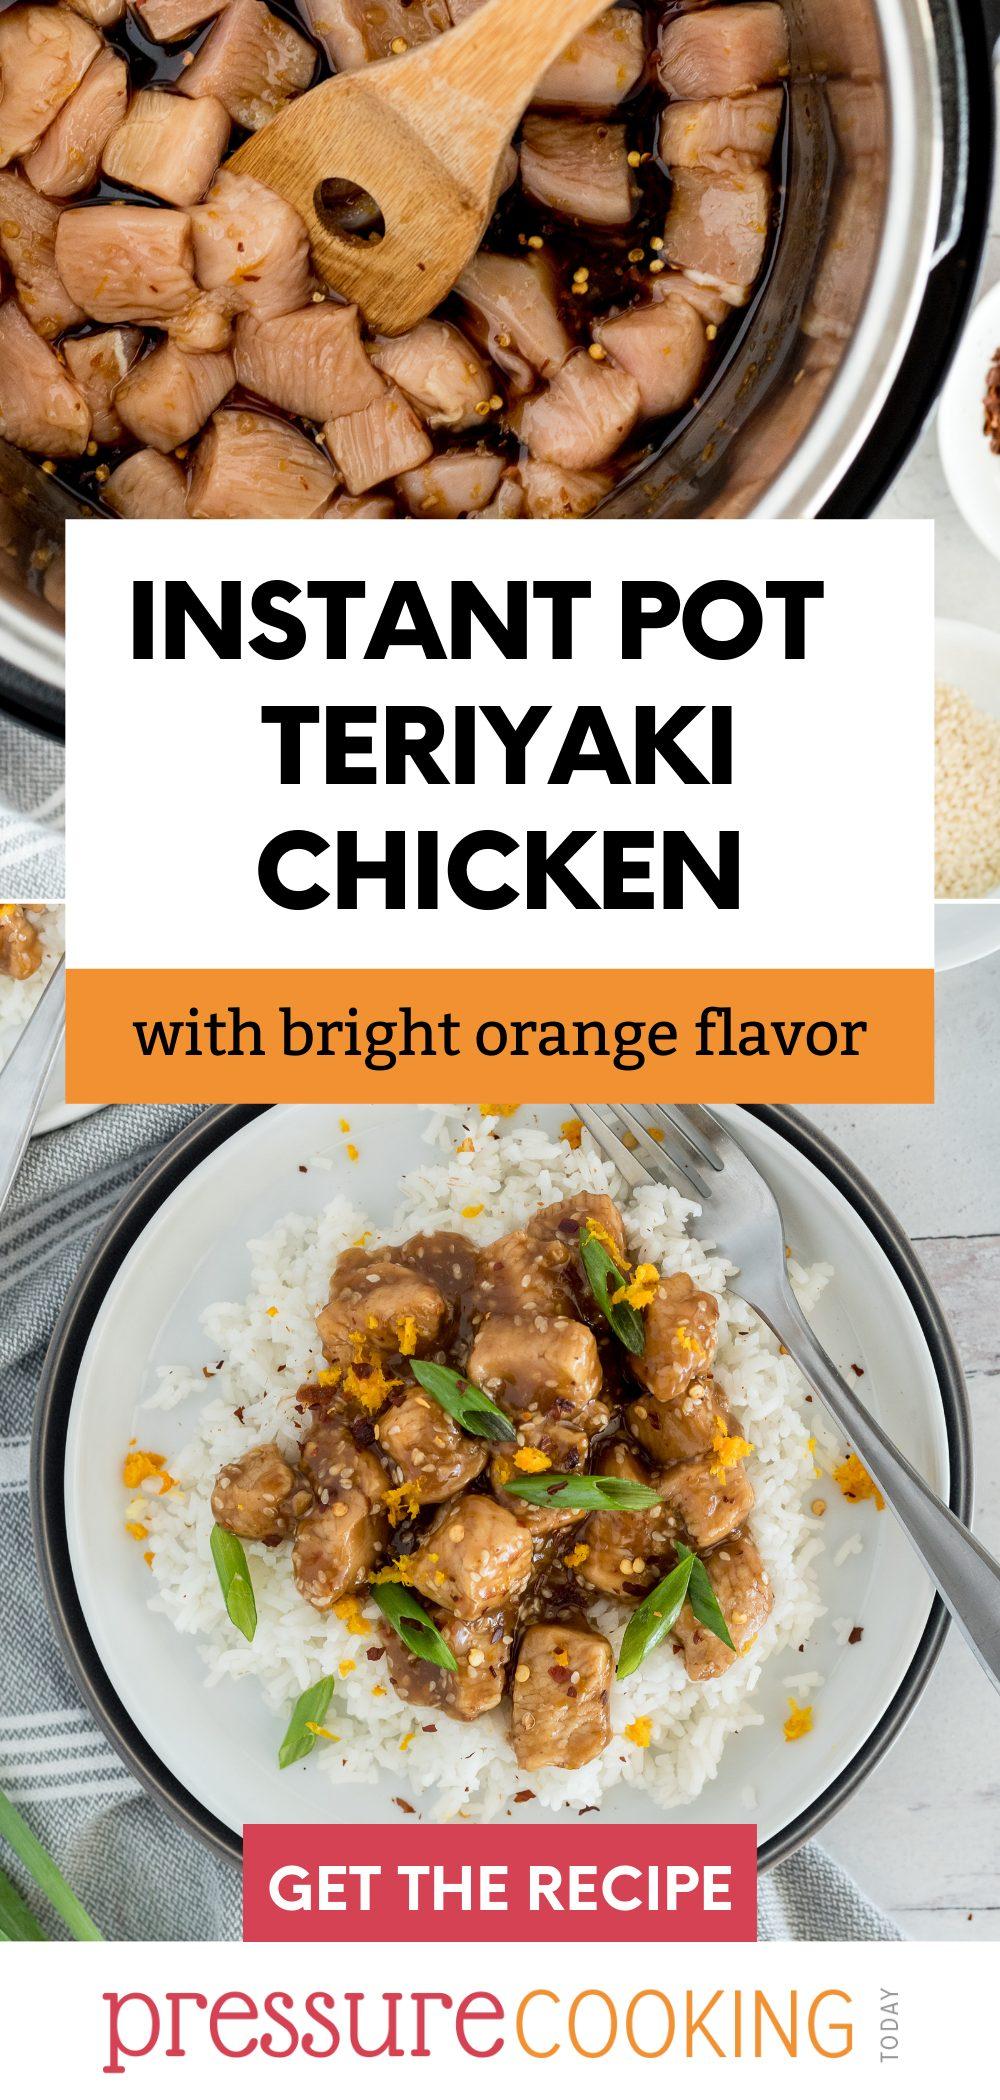 Instant Pot Teriyaki Chicken via @PressureCook2da